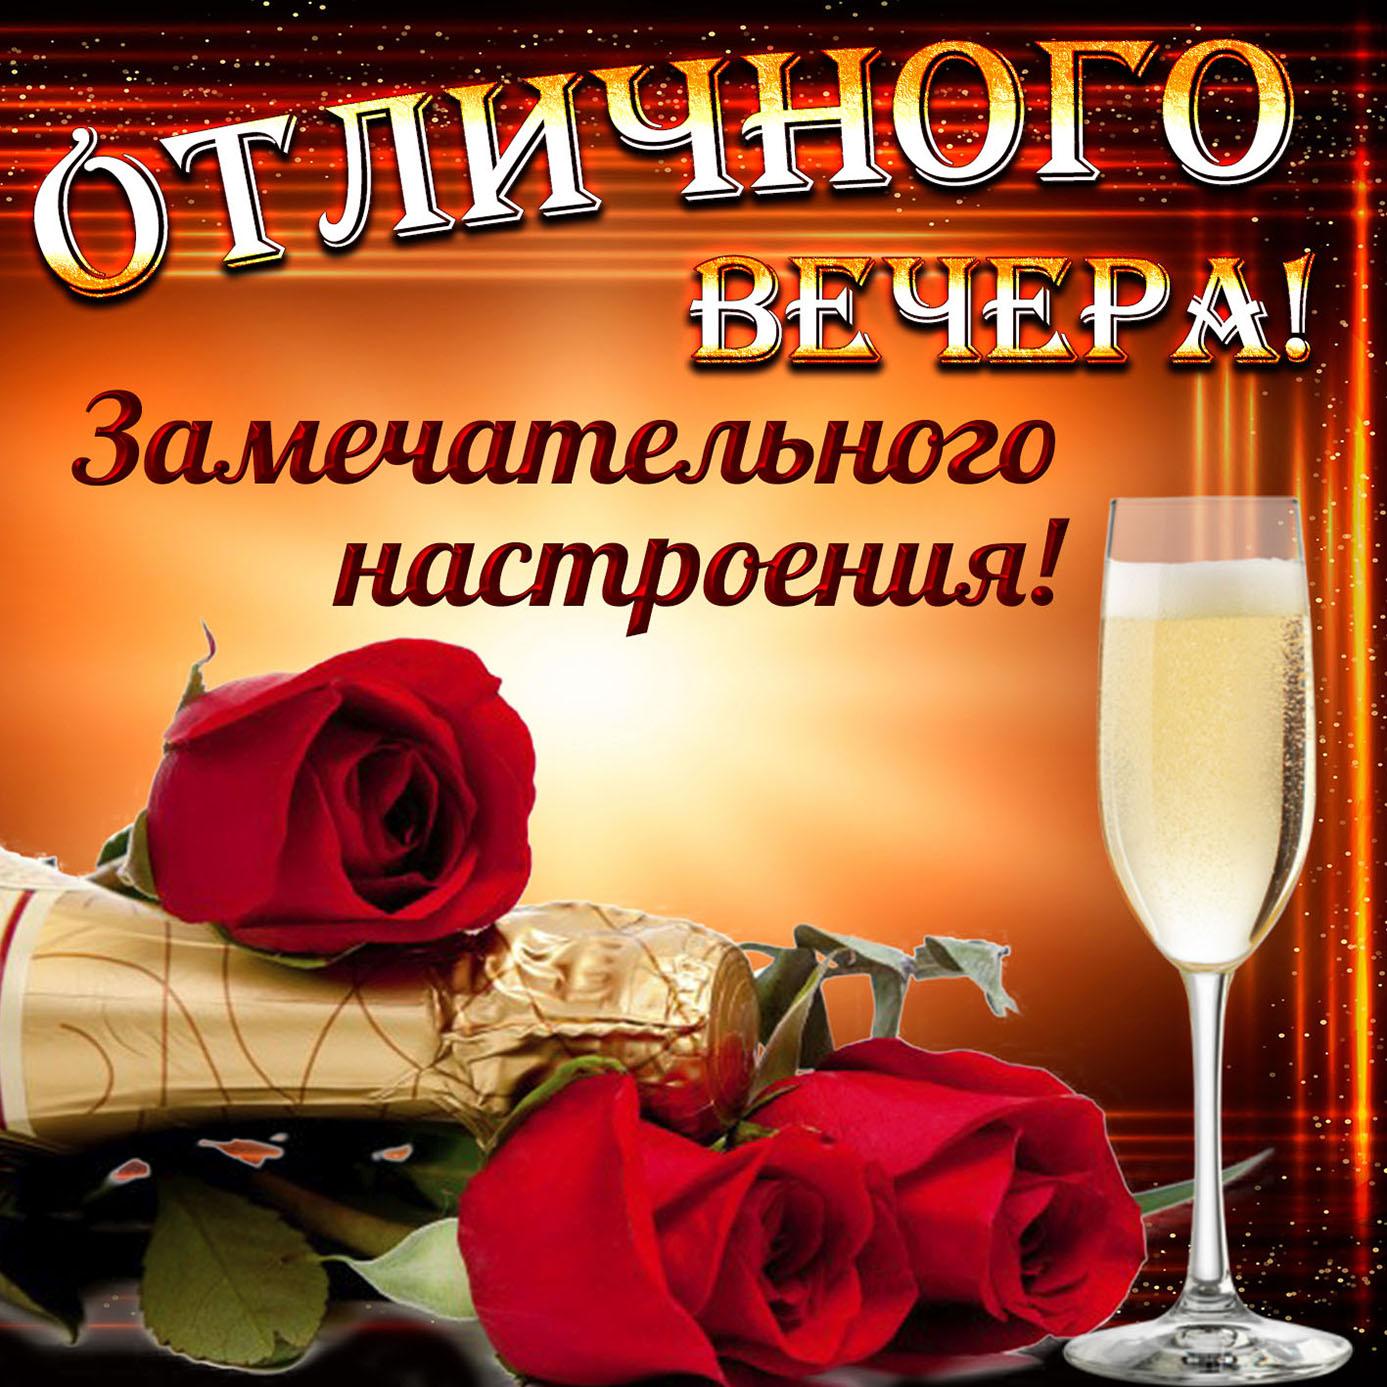 Картинка с розами для отличного вечера